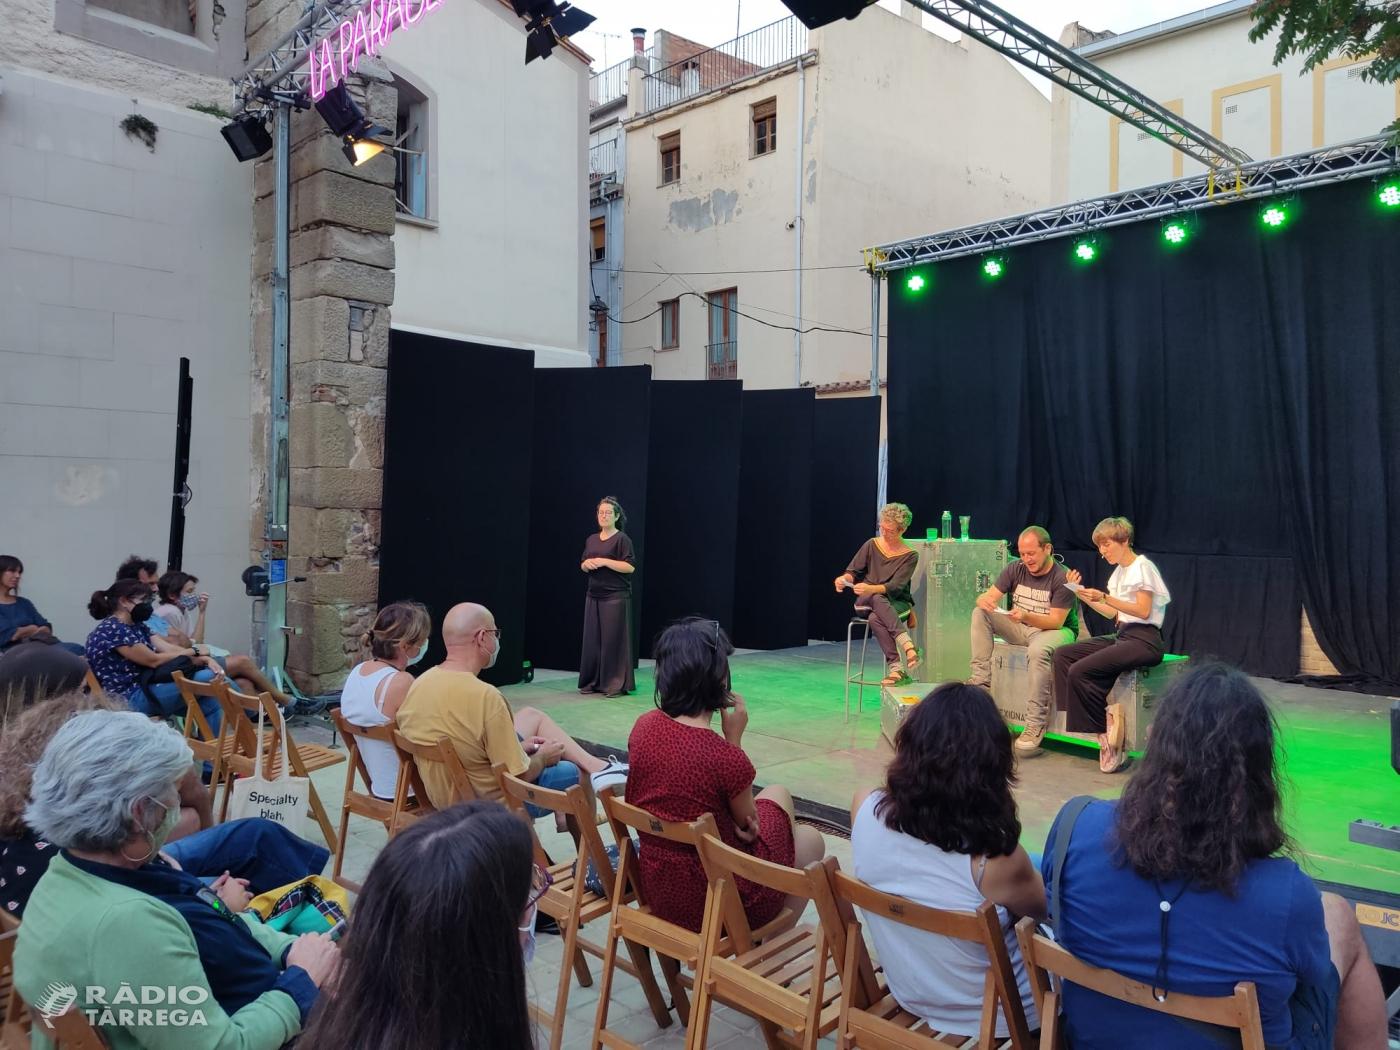 El nou espai La Paraula de FiraTàrrega interpel·la el públic a través de la música, la poesia i la conversa